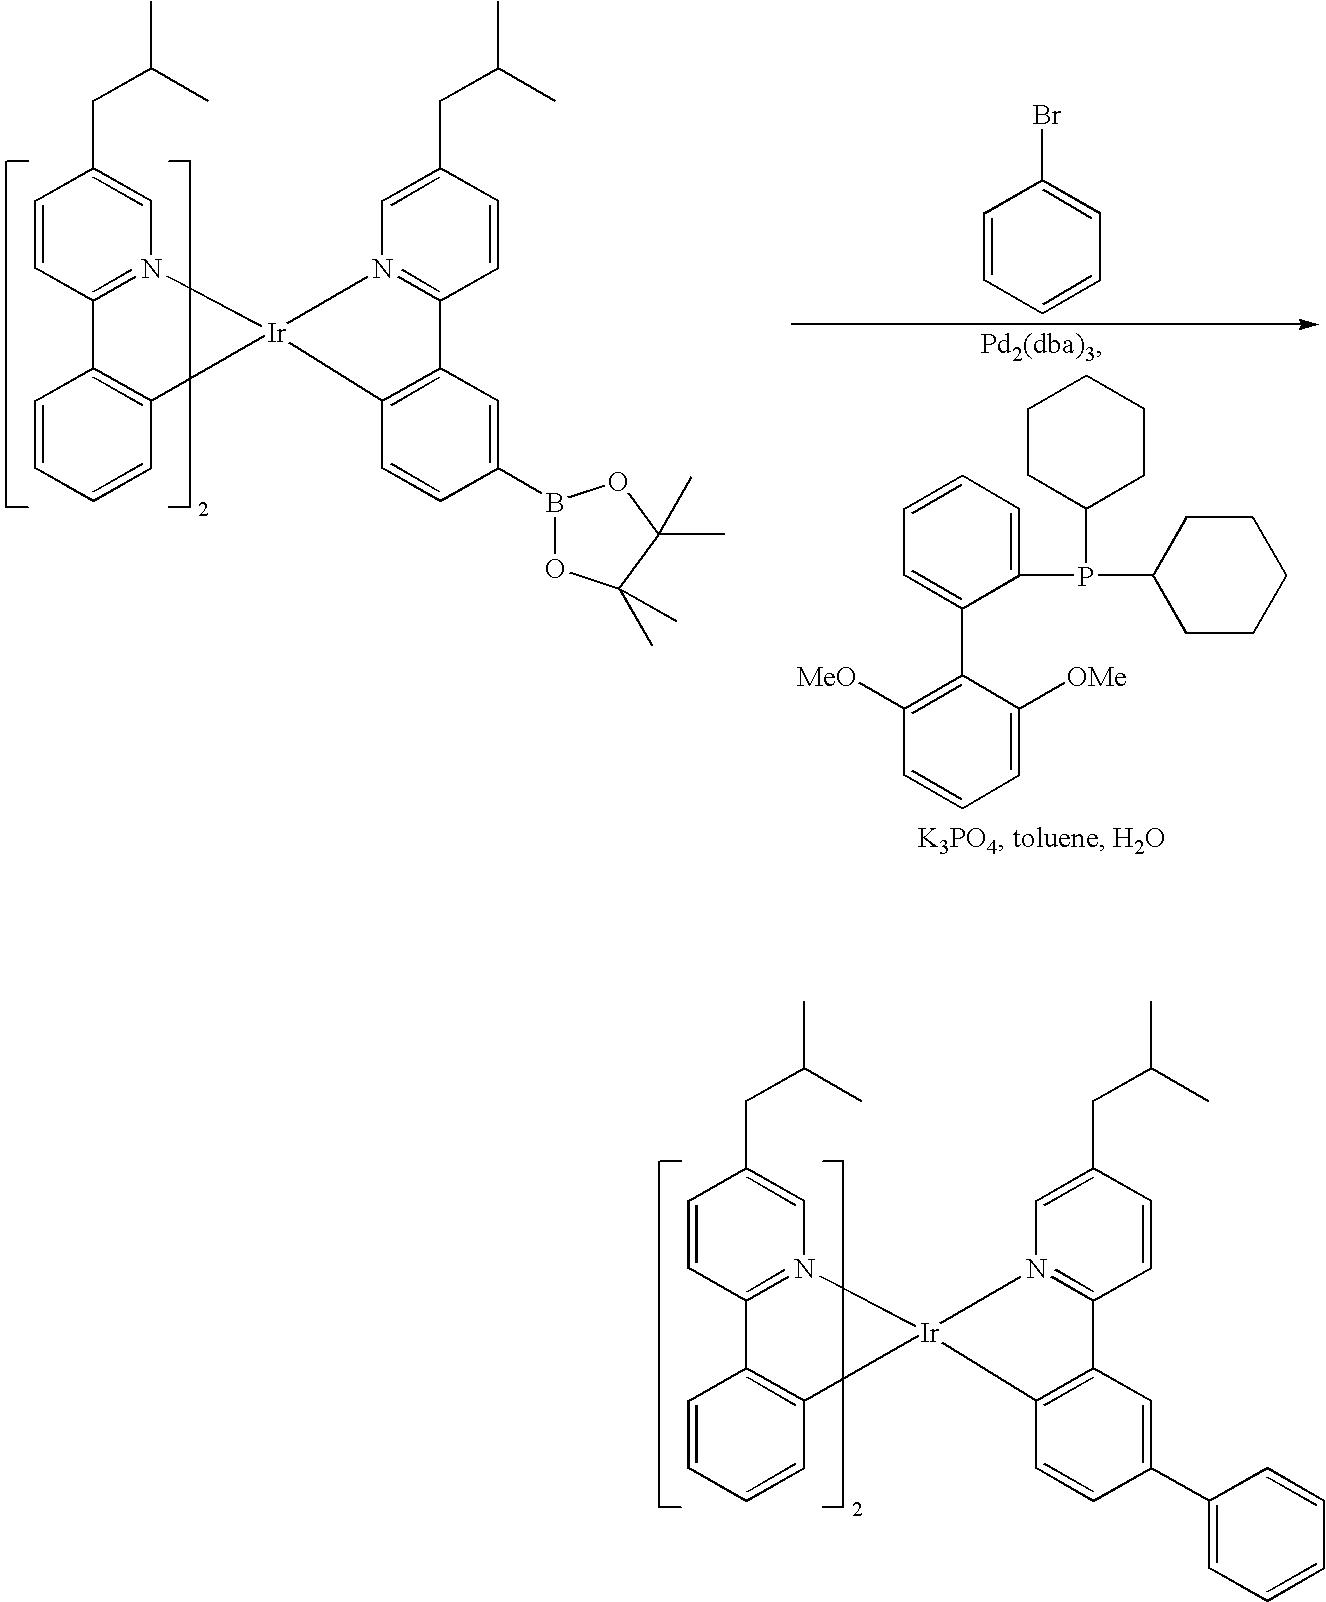 Figure US20090108737A1-20090430-C00076